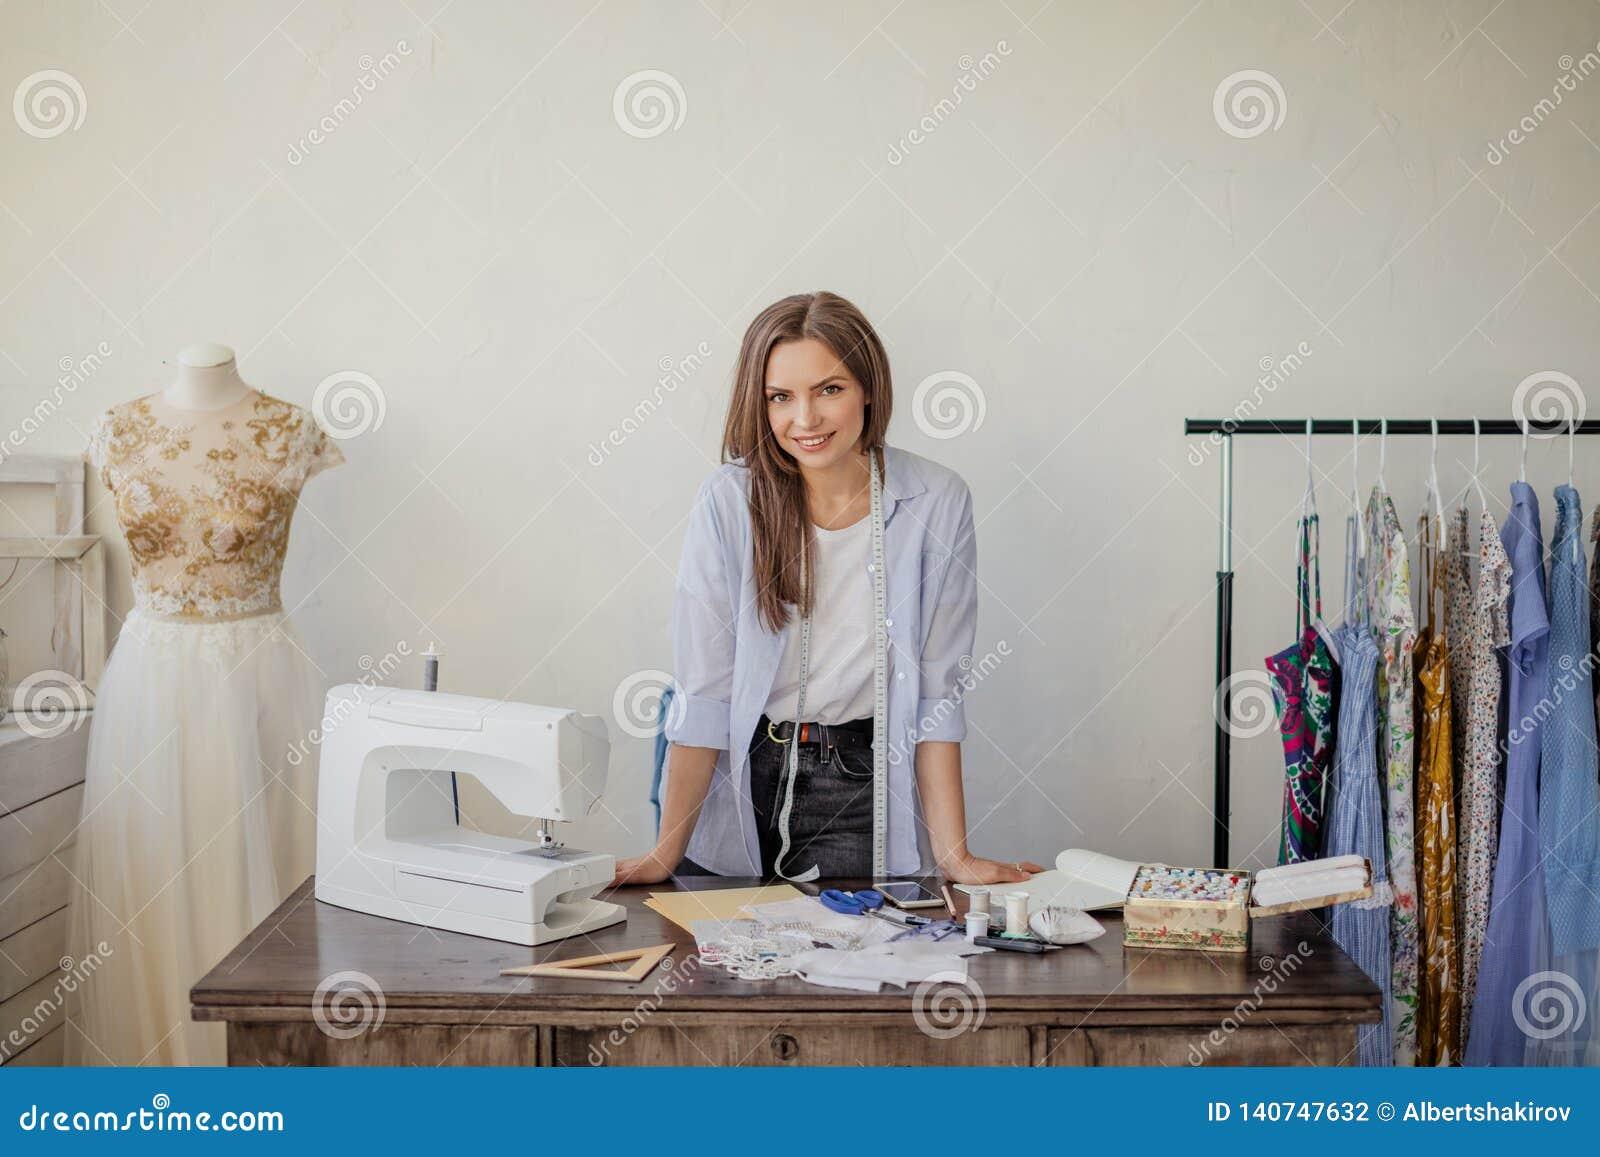 Portrait en gros plan de jeune ouvrière couturière ou couturière un son lieu de travail